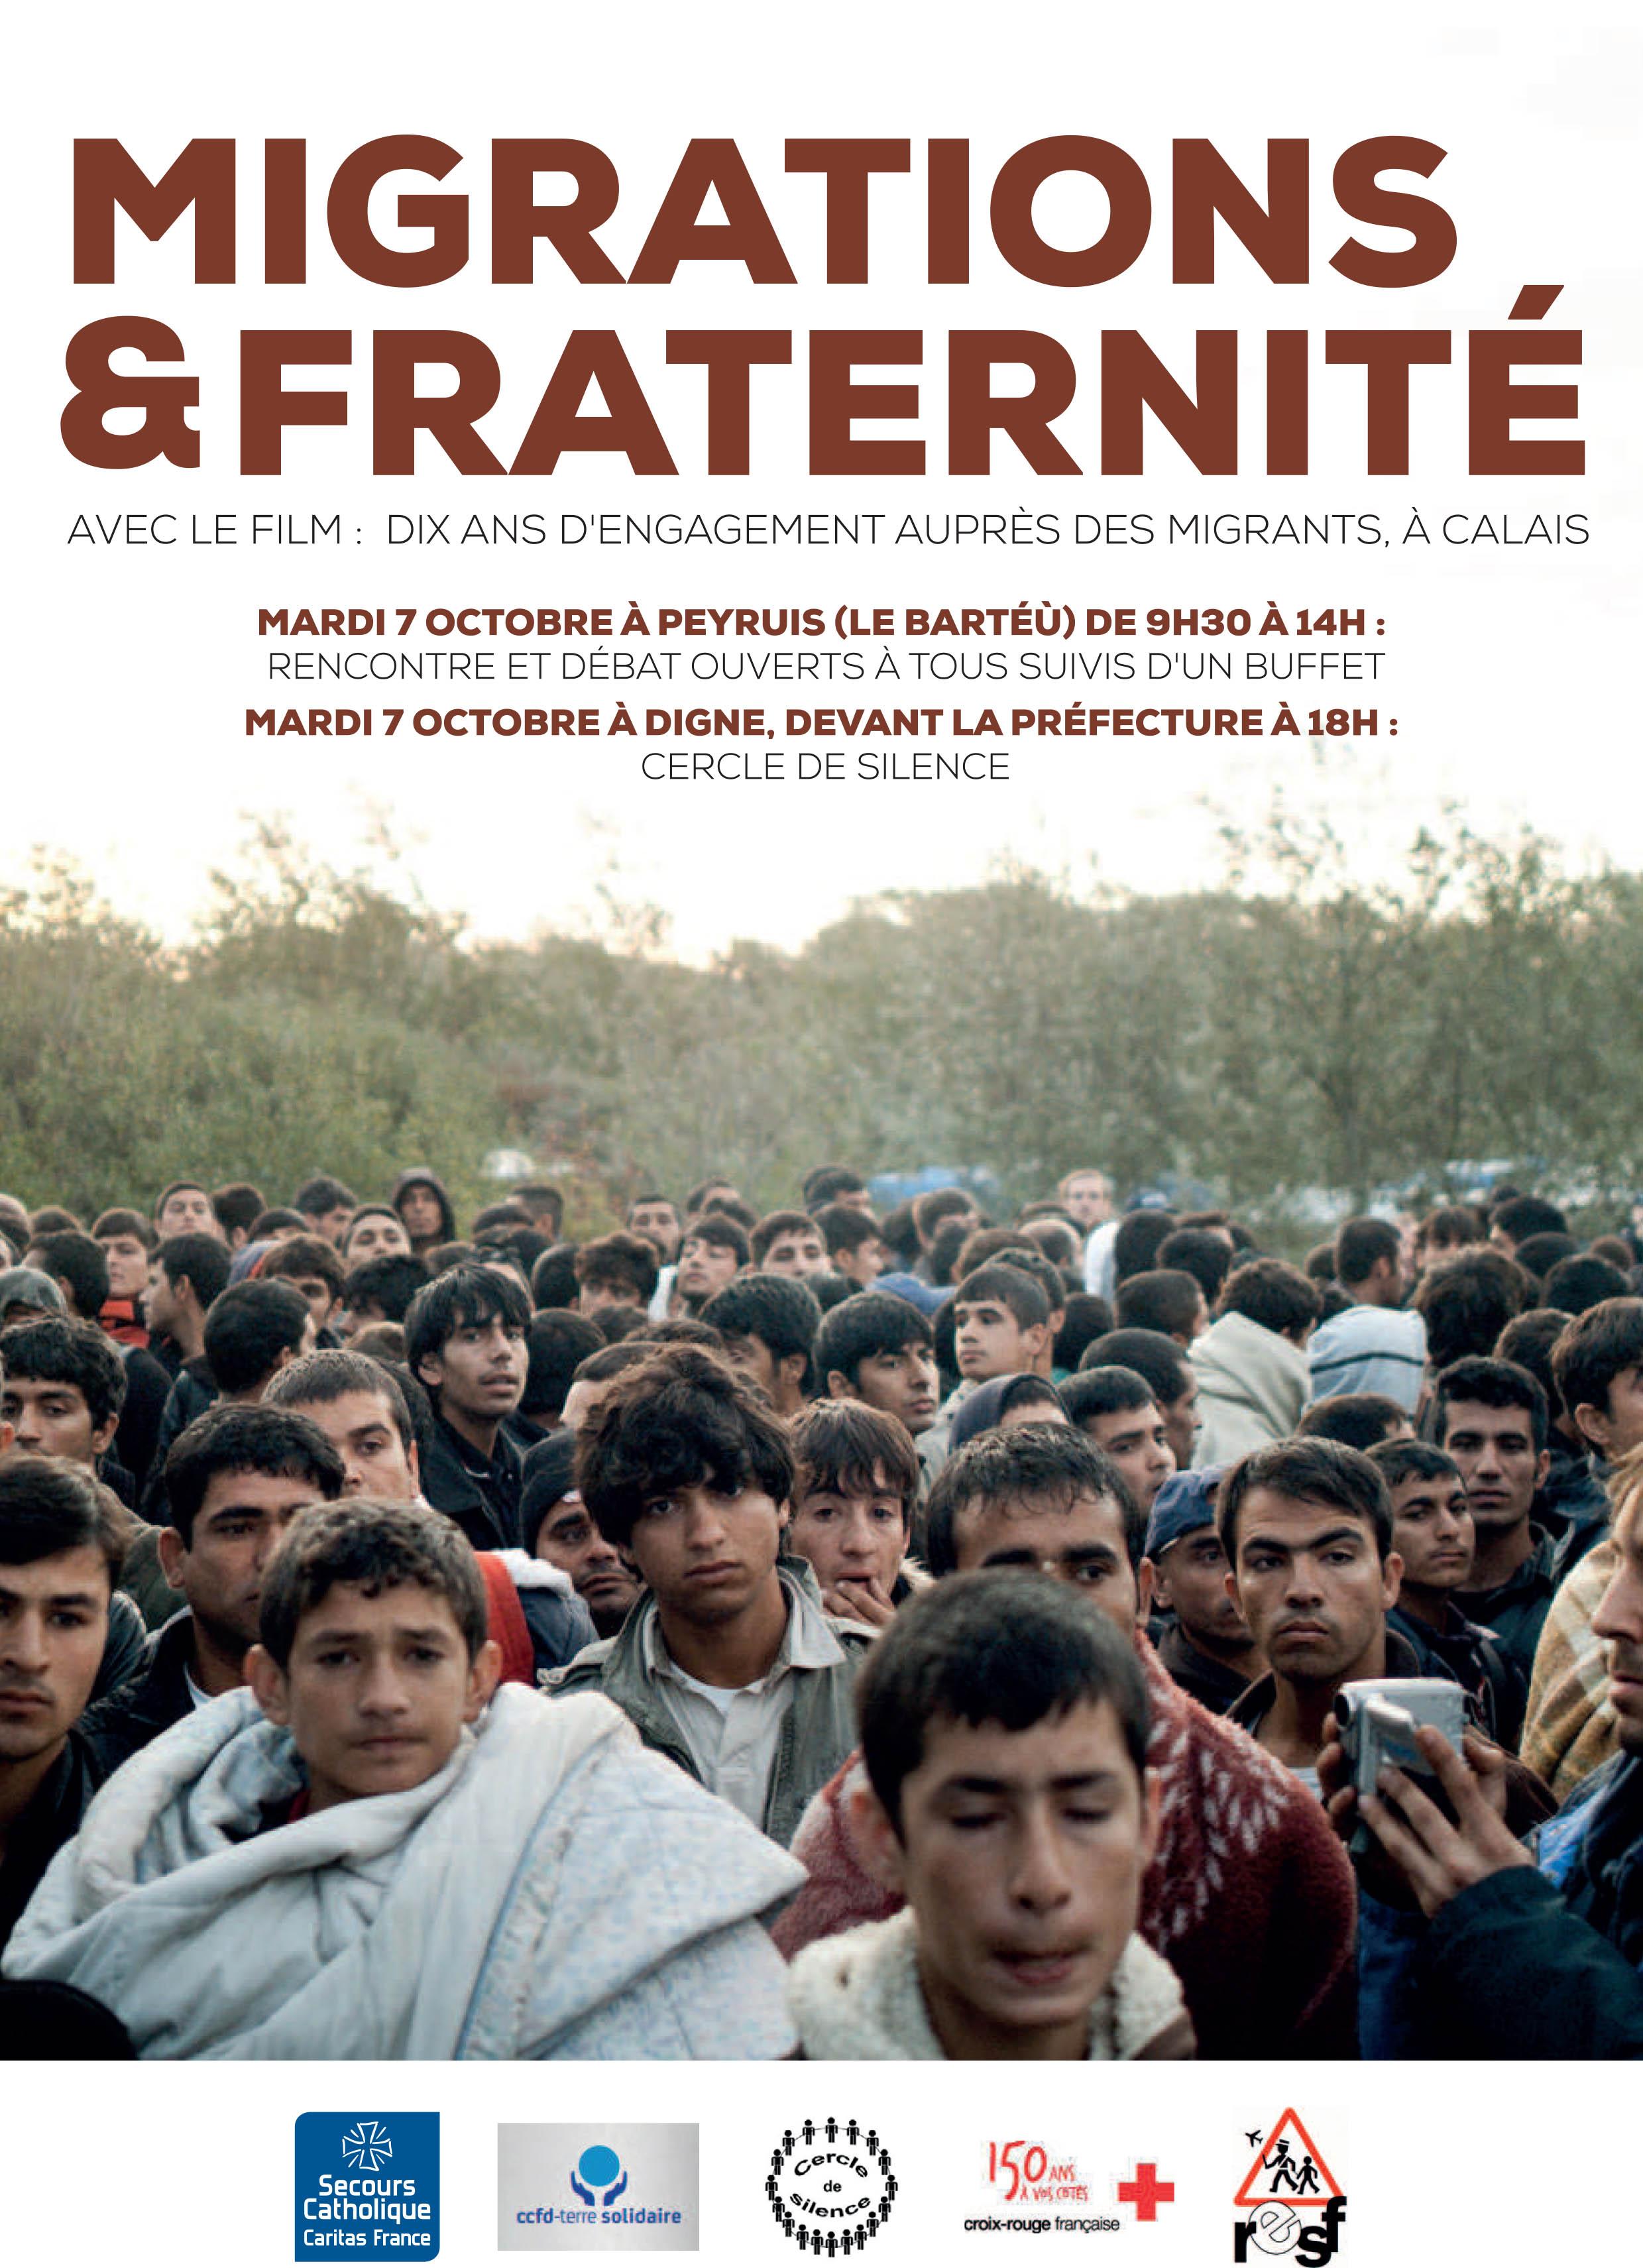 Des associations mettent en avant la fraternité pour lutter contre le rejet des migrants